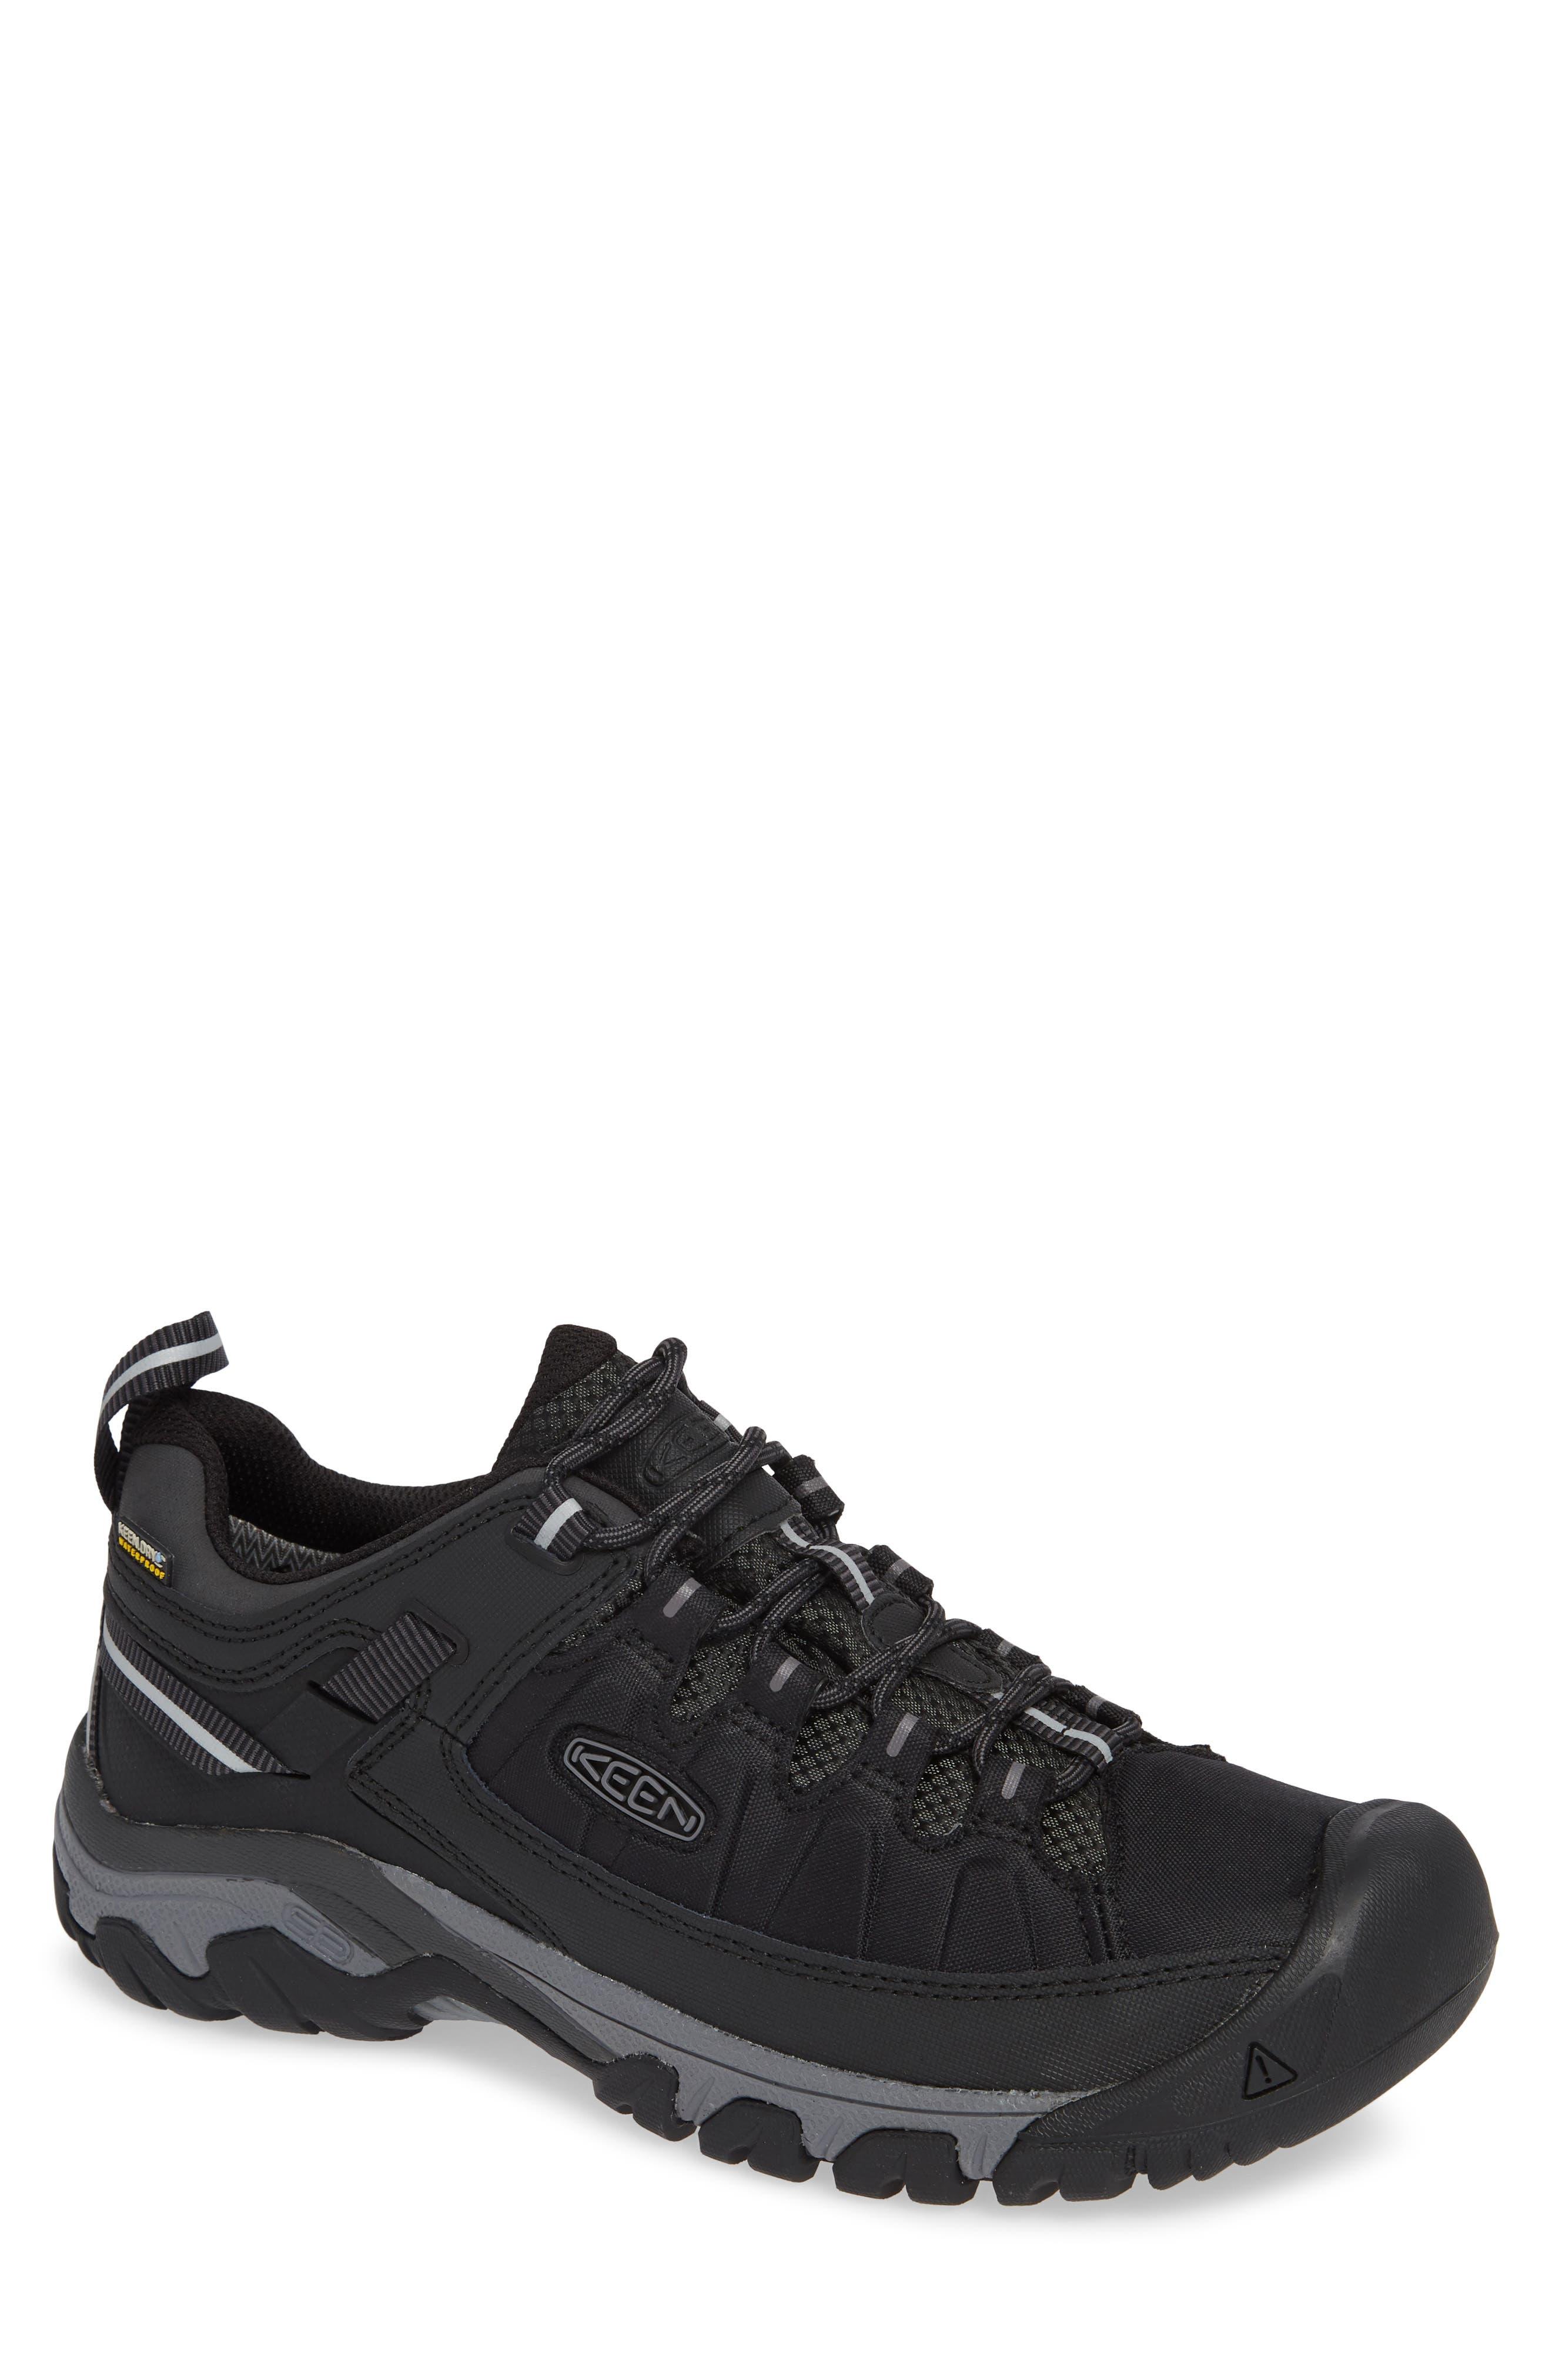 Targhee EXP Waterproof Hiking Shoe,                             Main thumbnail 1, color,                             BLACK/ STEEL GREY